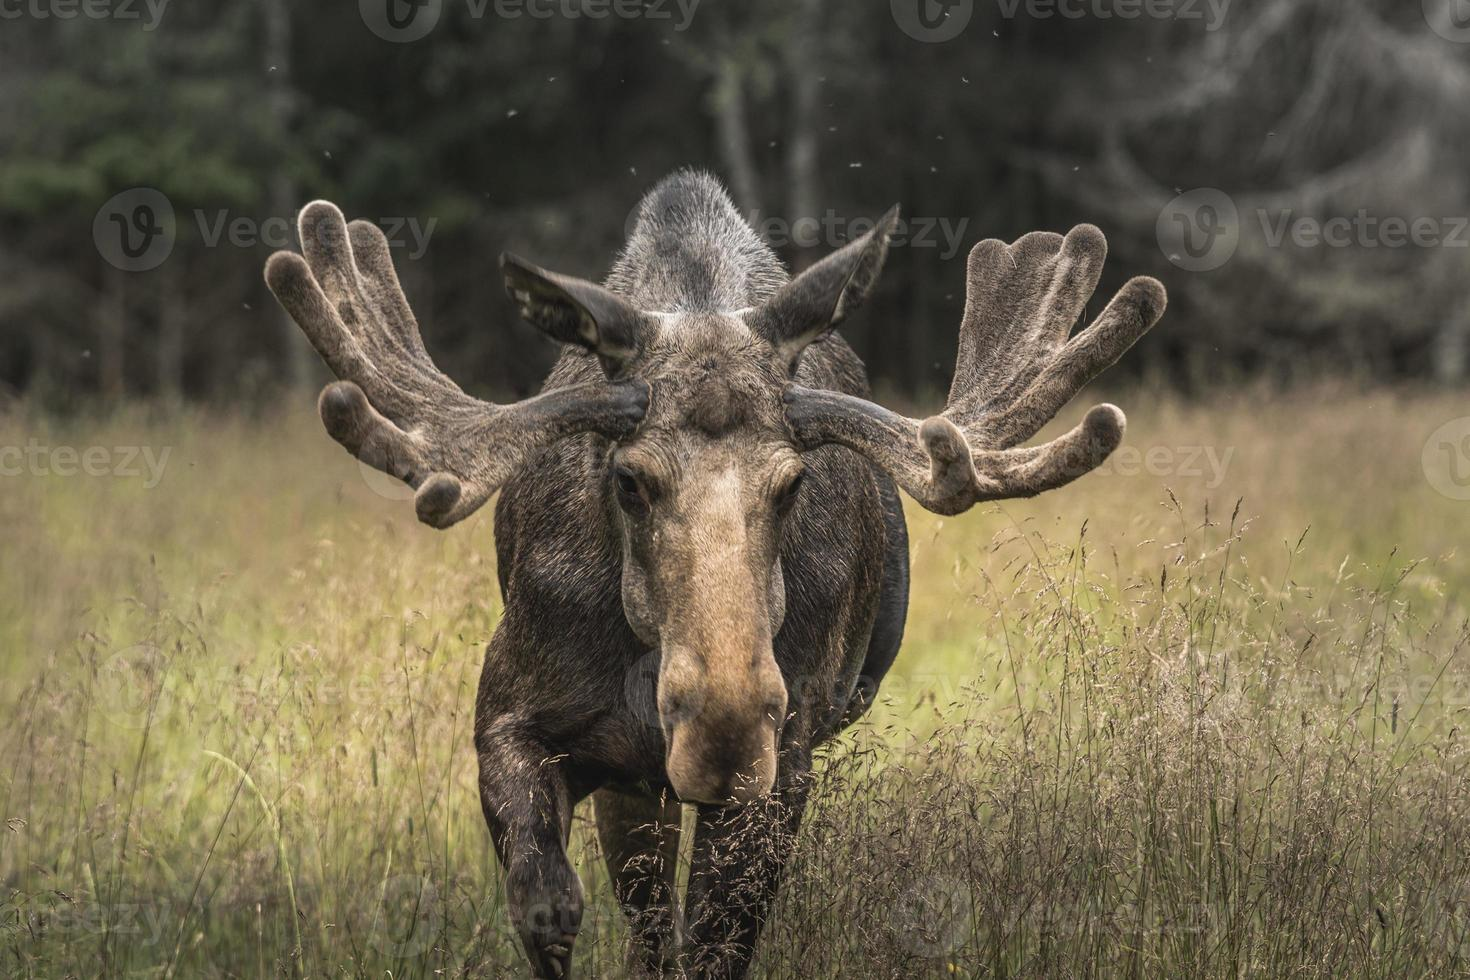 zeer grote mannelijke elandbok die naar de camera loopt foto